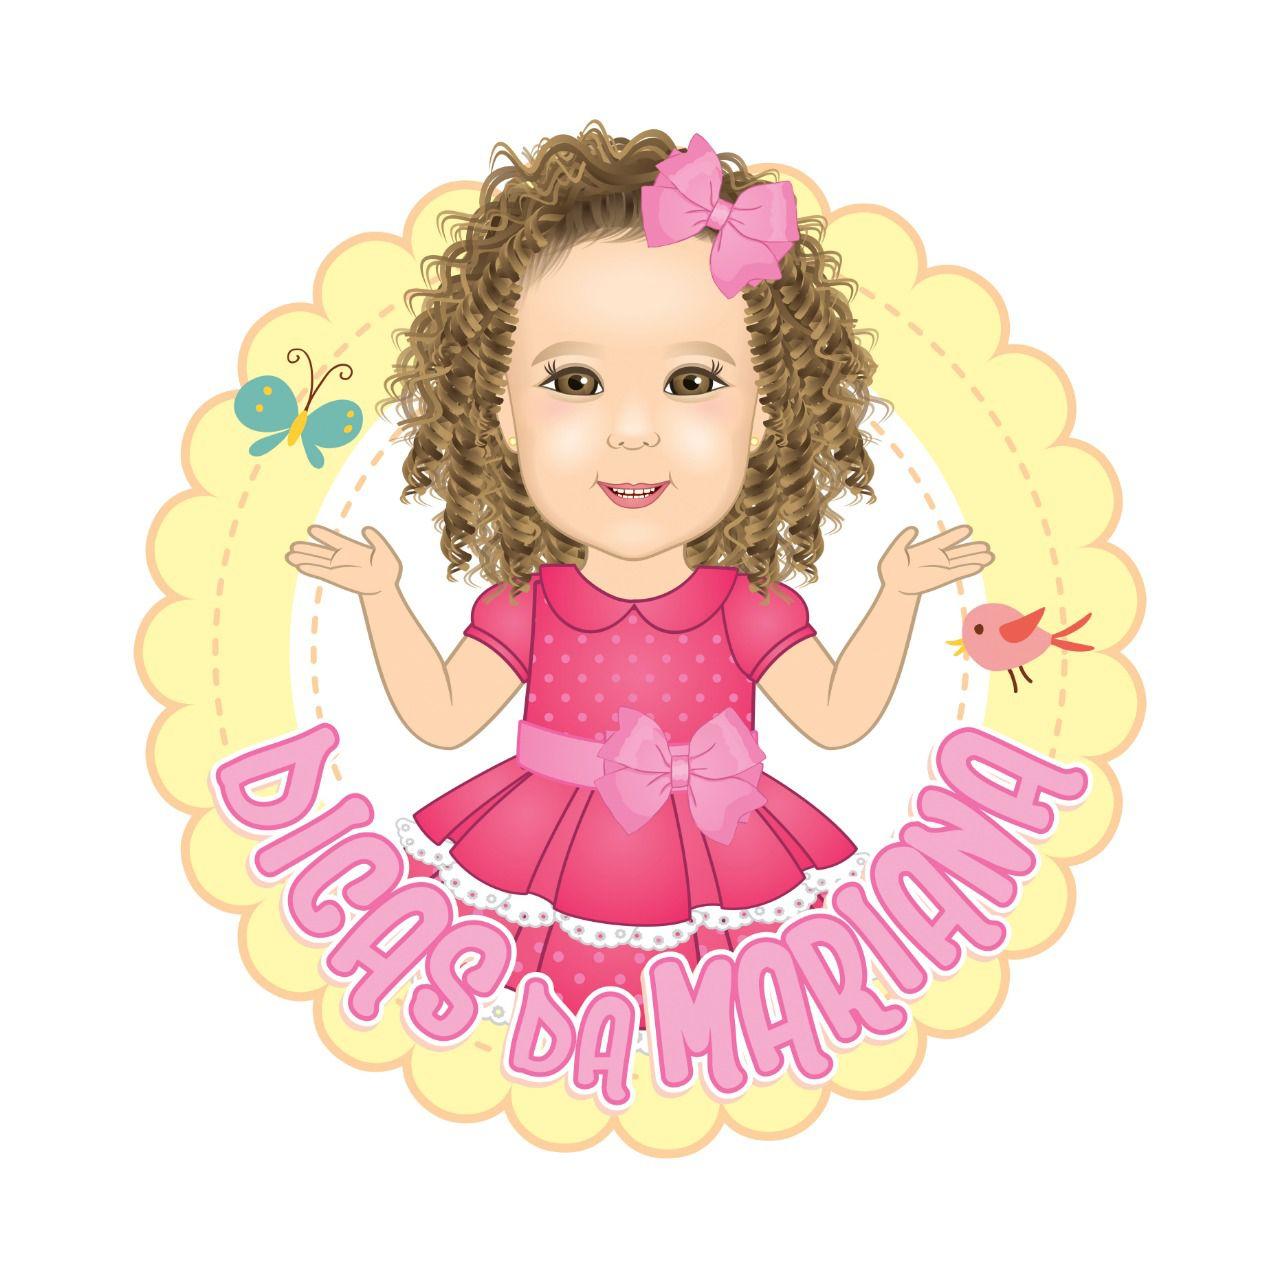 Ilustre de criança para blog pessoal